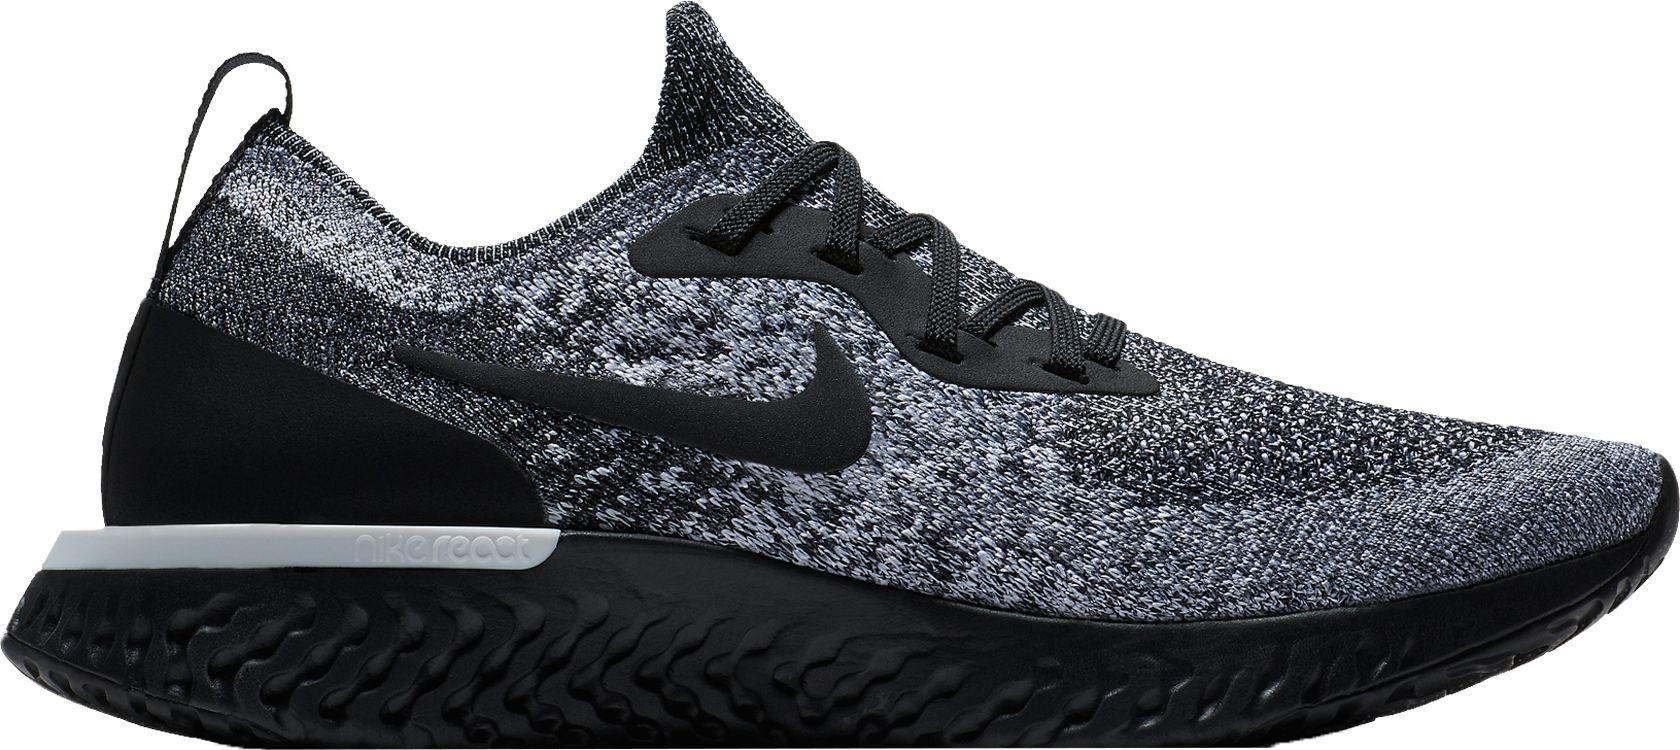 97e82b908b8b Nike Women s Epic React Flyknit Running Shoes